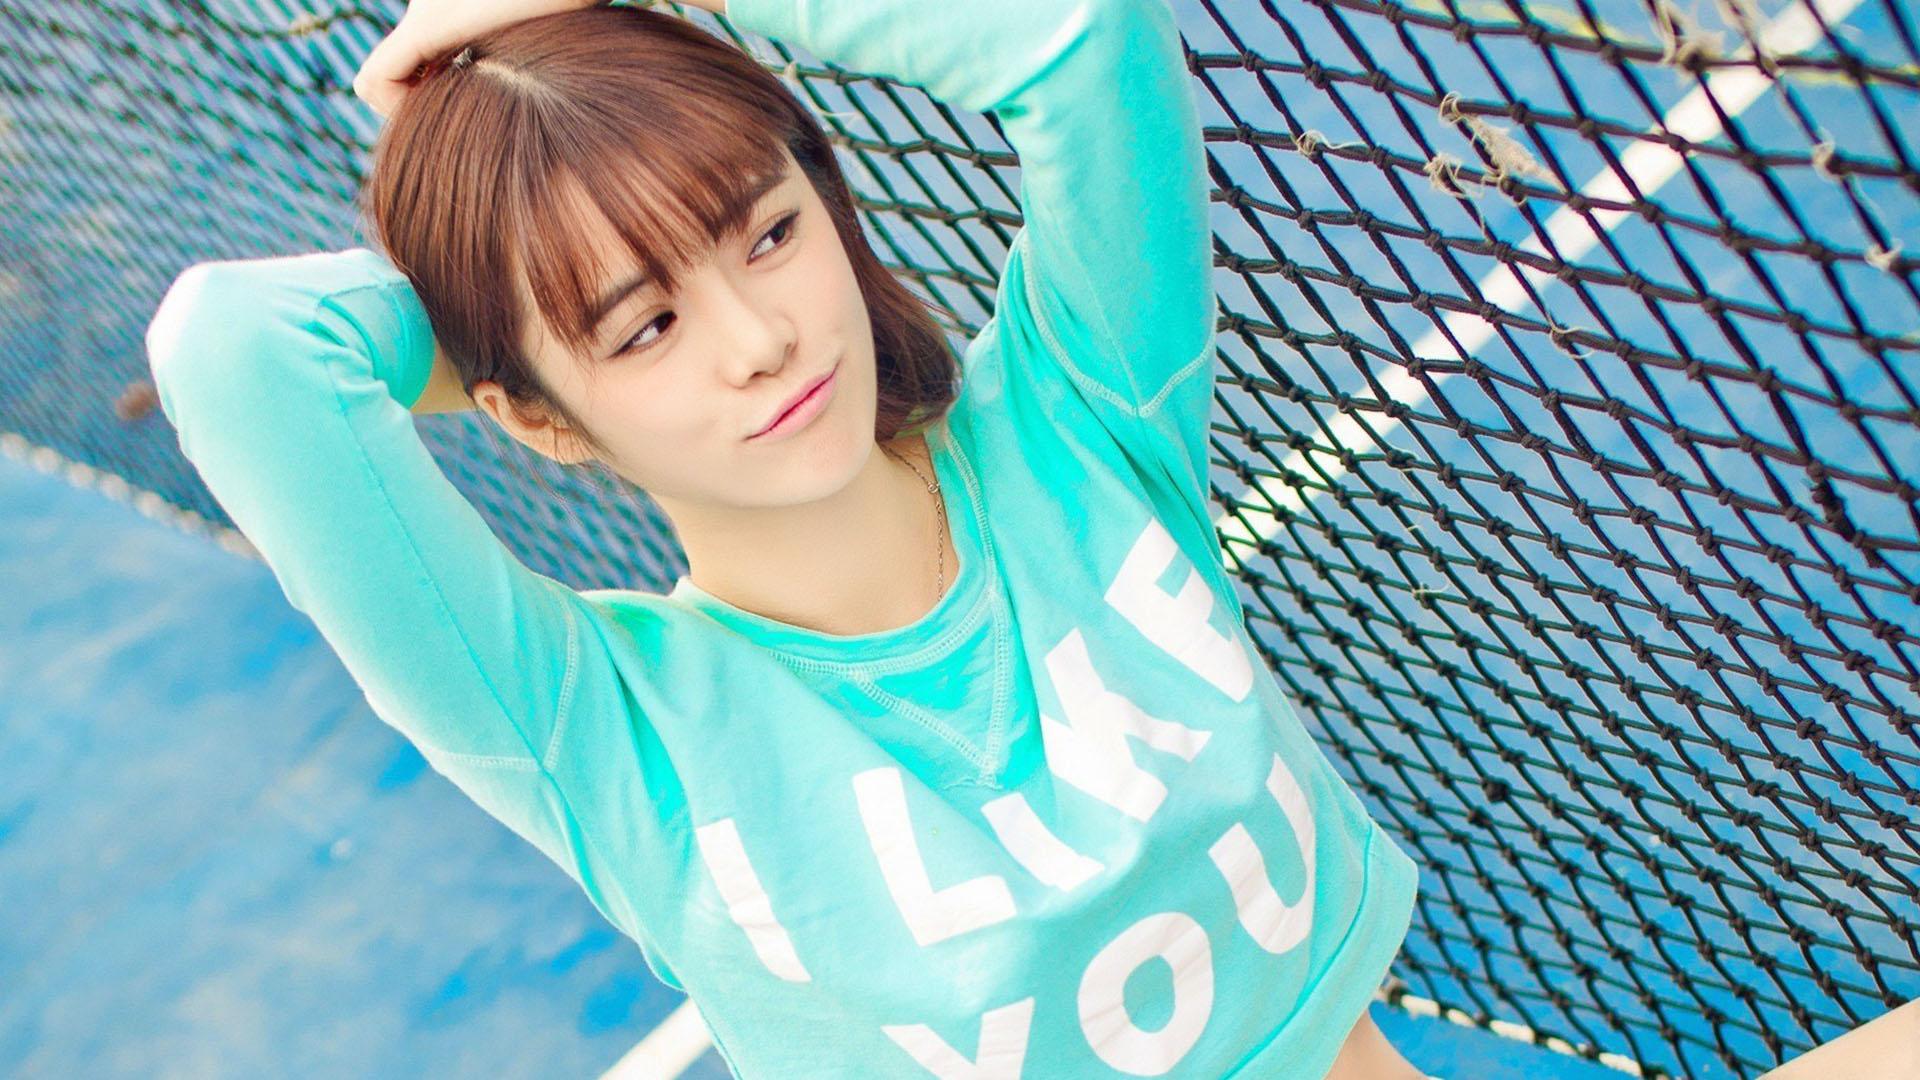 极品美穴贴图_mm鲍鱼贴图_亚洲9p-www.qiqidown.com